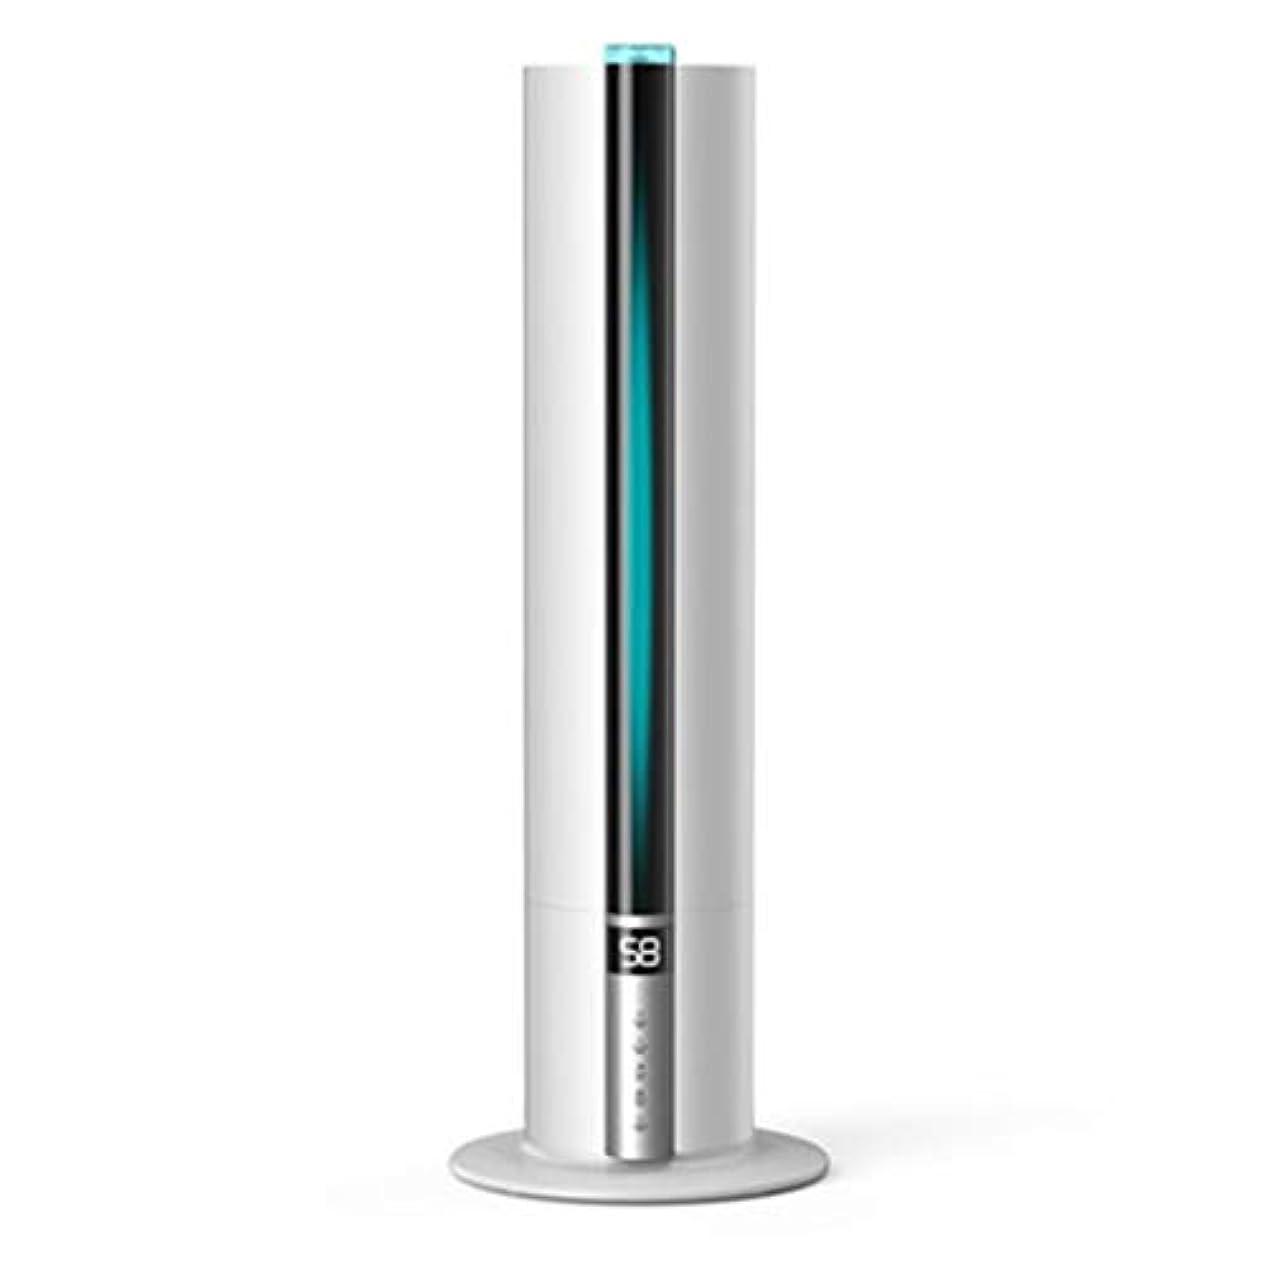 些細なサイトハンサム超音波クールミスト加湿器7.5L超静音インテリジェント純恒湿、ウォーターレスオートオフ超静音(色:黒) (Color : White)